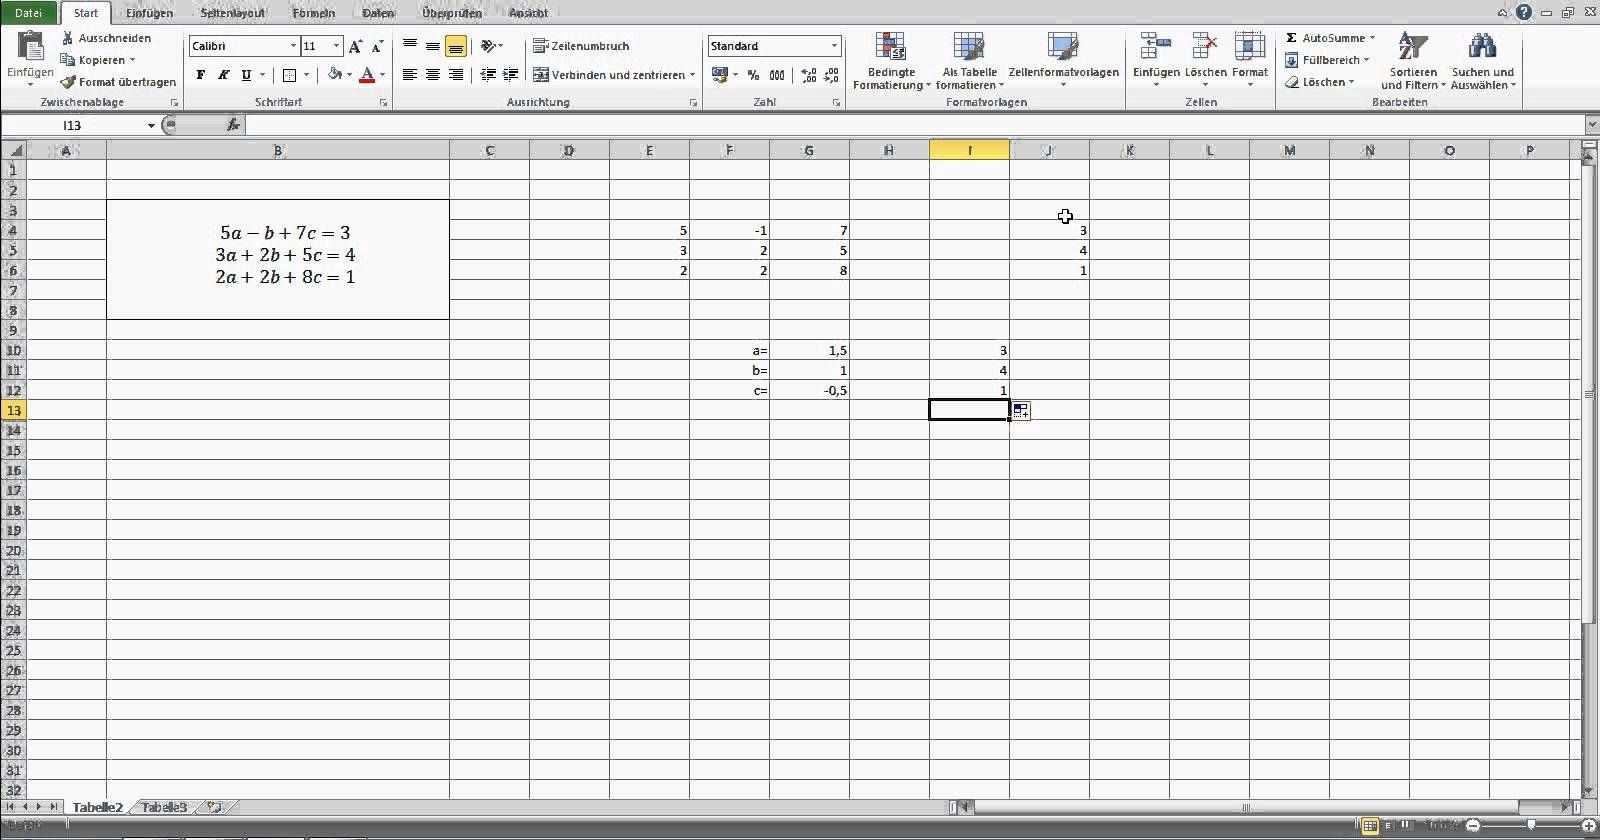 Lineare Gleichungssysteme In Excel Losen Ein Mathe Trick In Excel Mathe Tricks Gleichung Gleichungssysteme